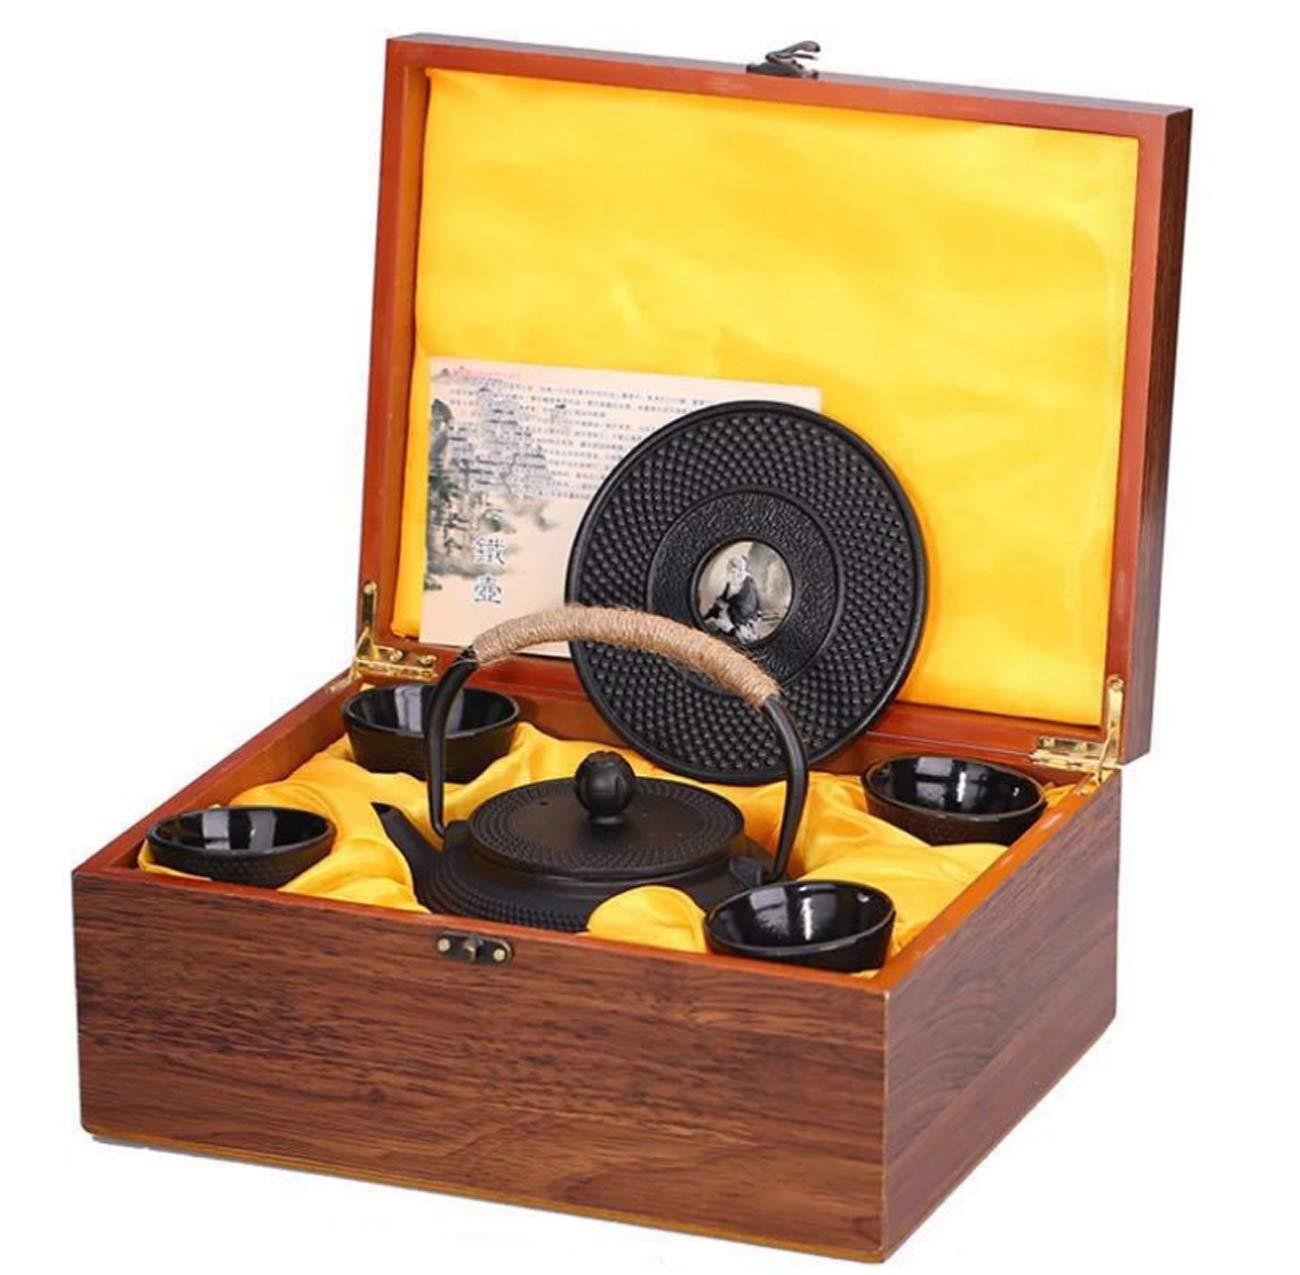 Handgefertigte Zarte Tee-Eisen-Topf Tee-Eisen-Topf Tee-Eisen-Topf Haushalt 1,2 L 3ff7a7